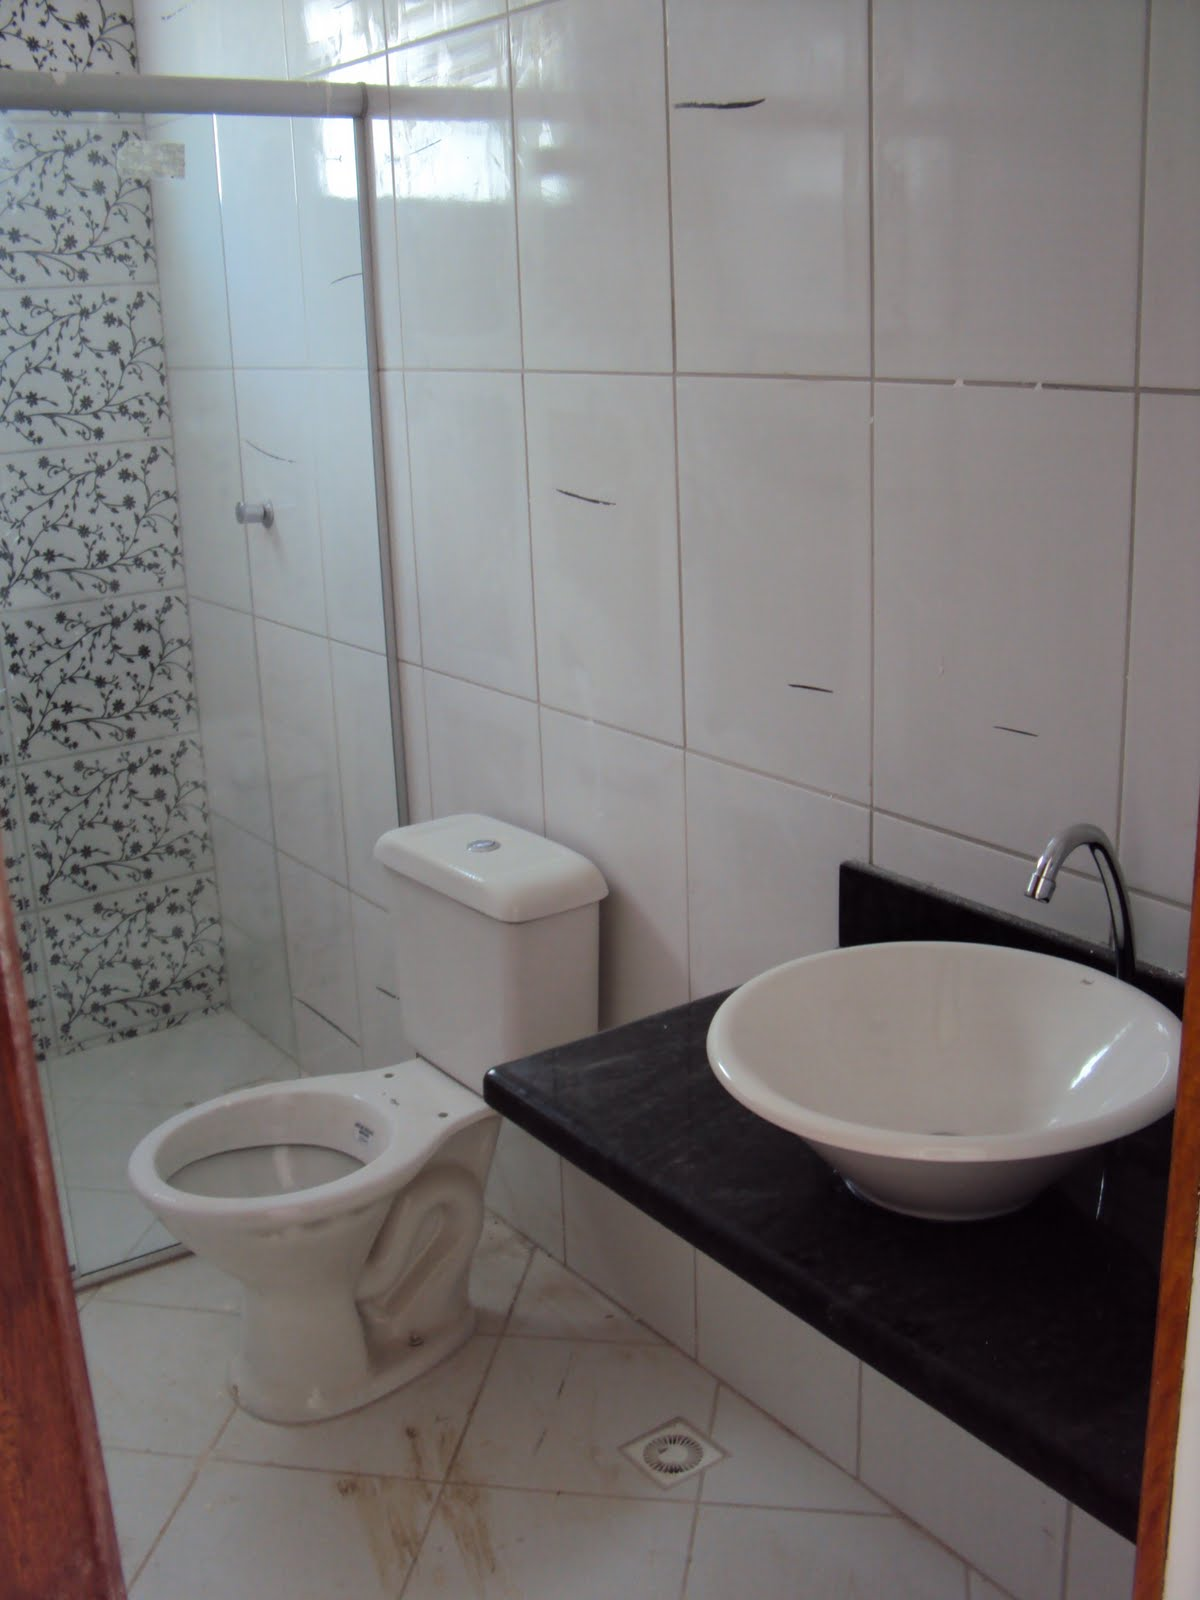 Nosso SonhoNossa Casa Banheiros das casas alheias Ai que vergonha -> Decoracao De Banheiro Com Vaso Sanitario Preto